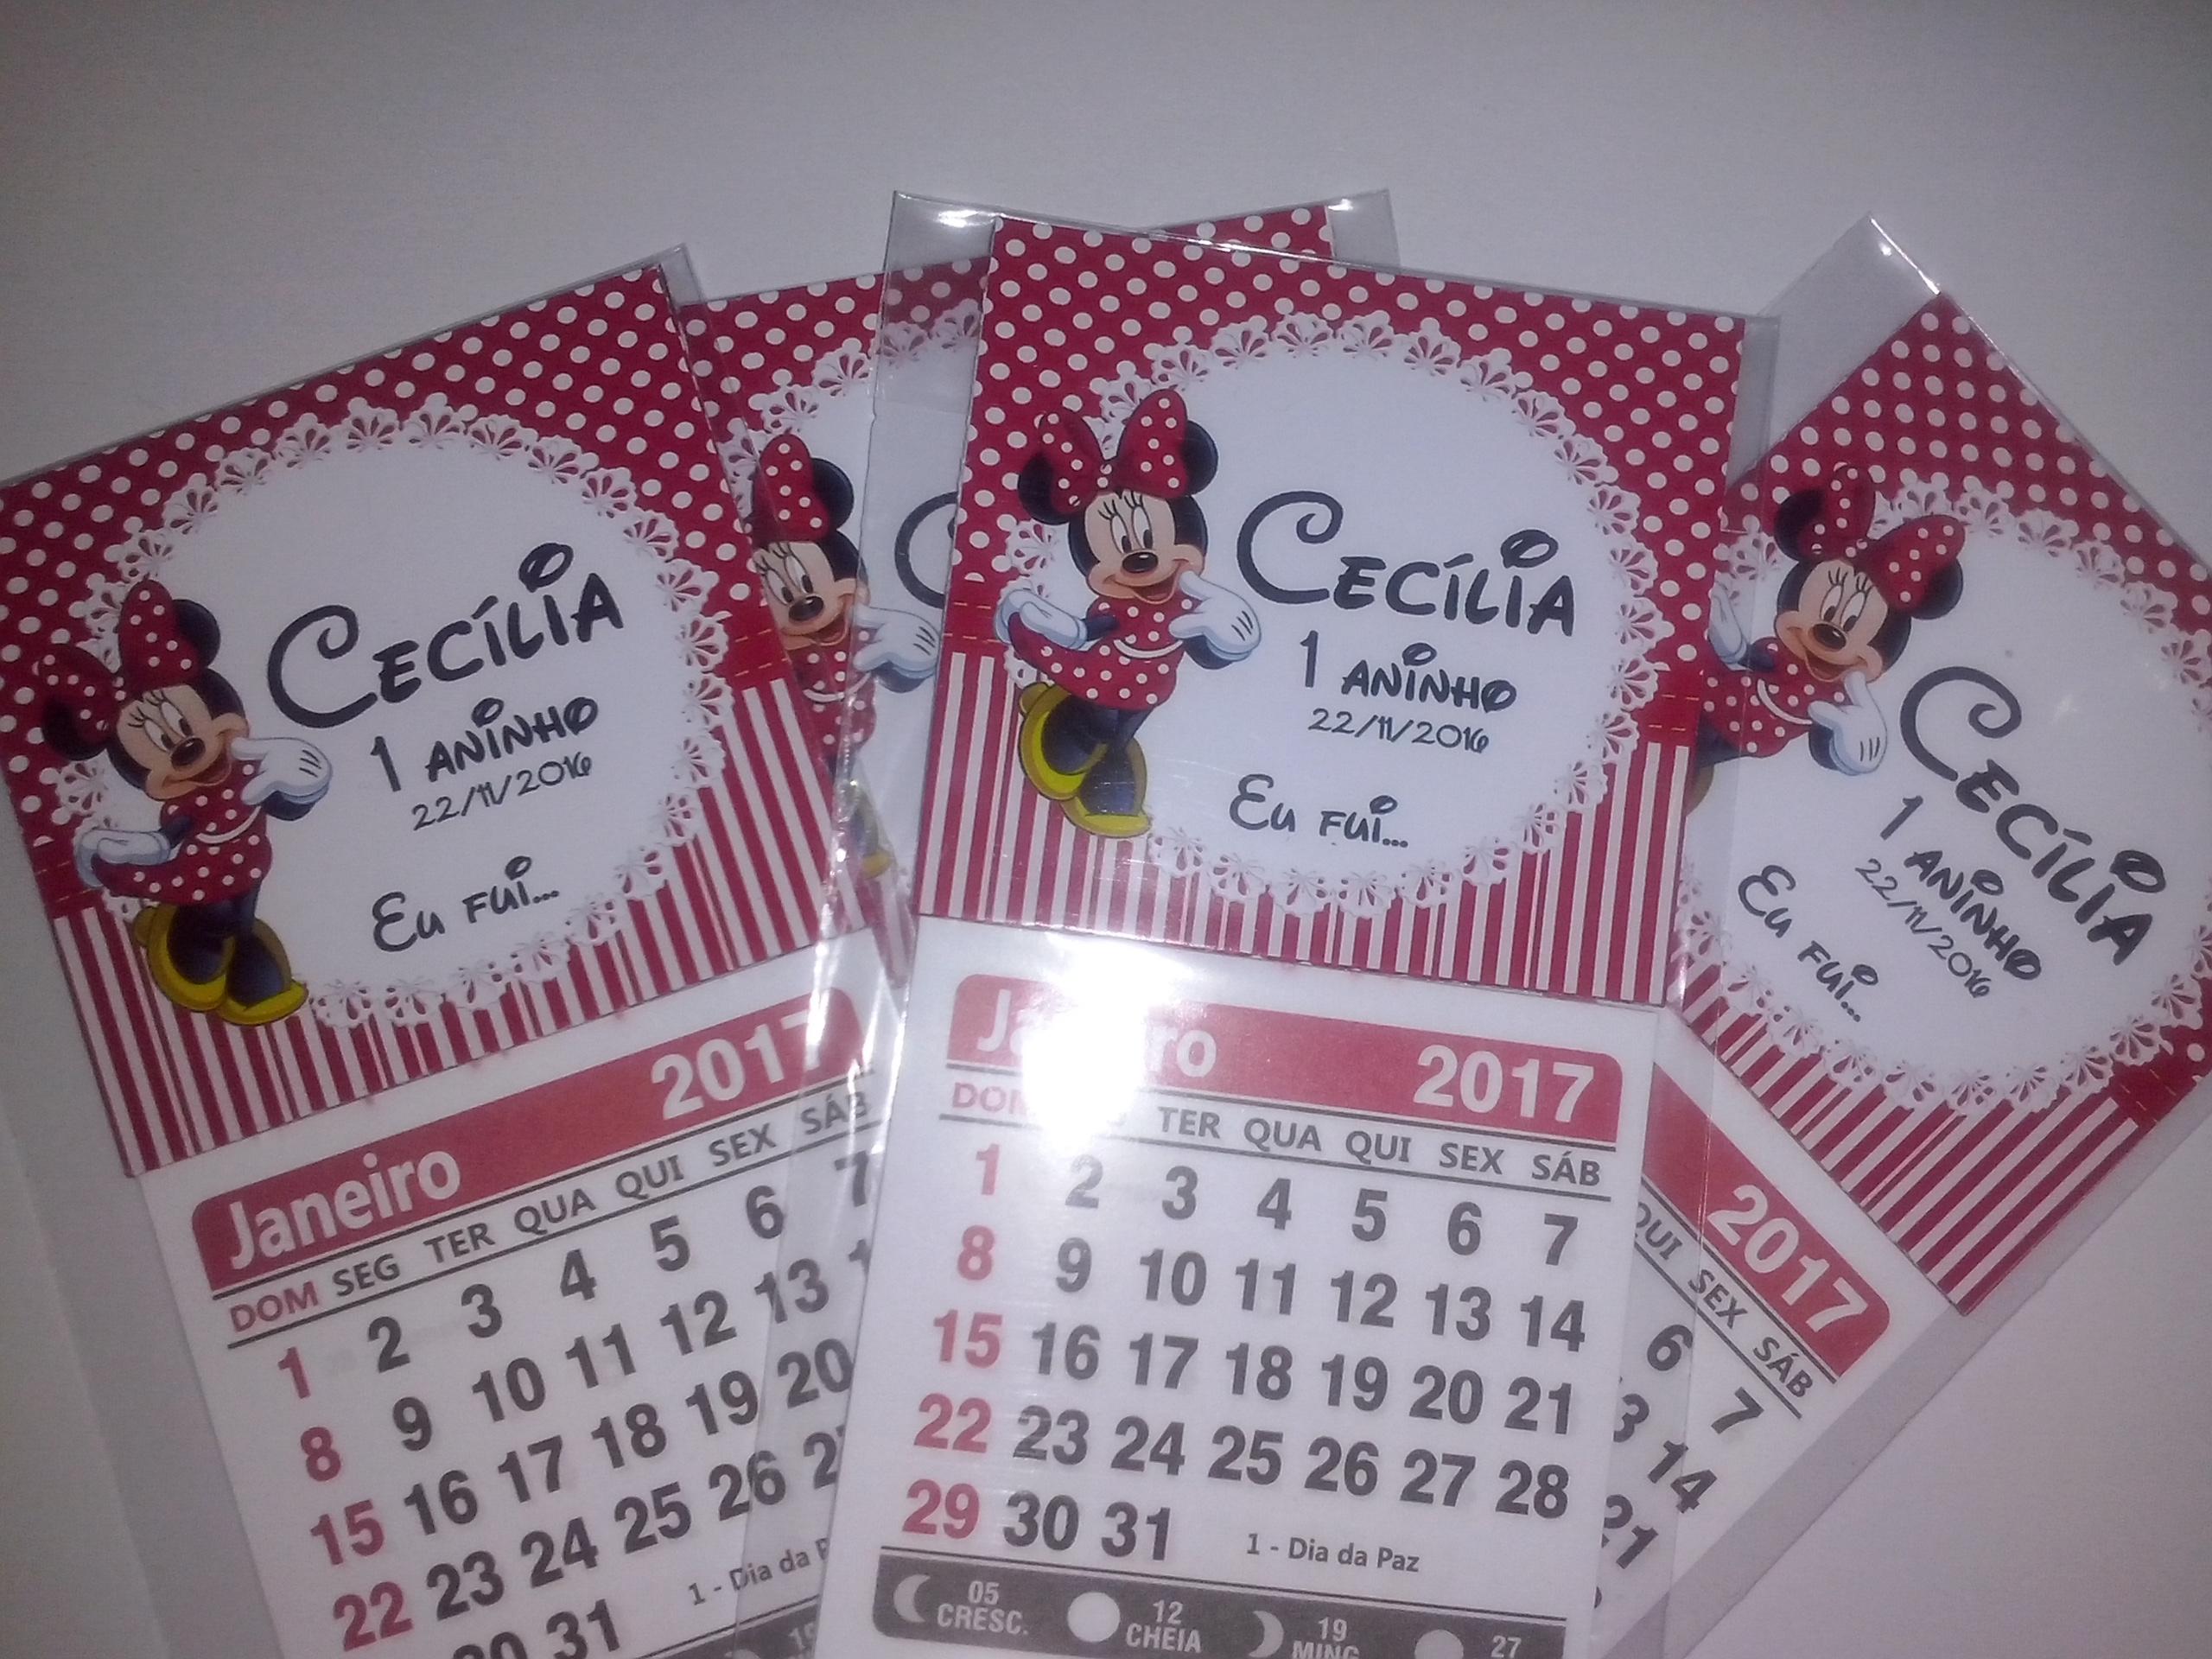 Mini Calendario.Mini Calendario Personalizado Ima 2019